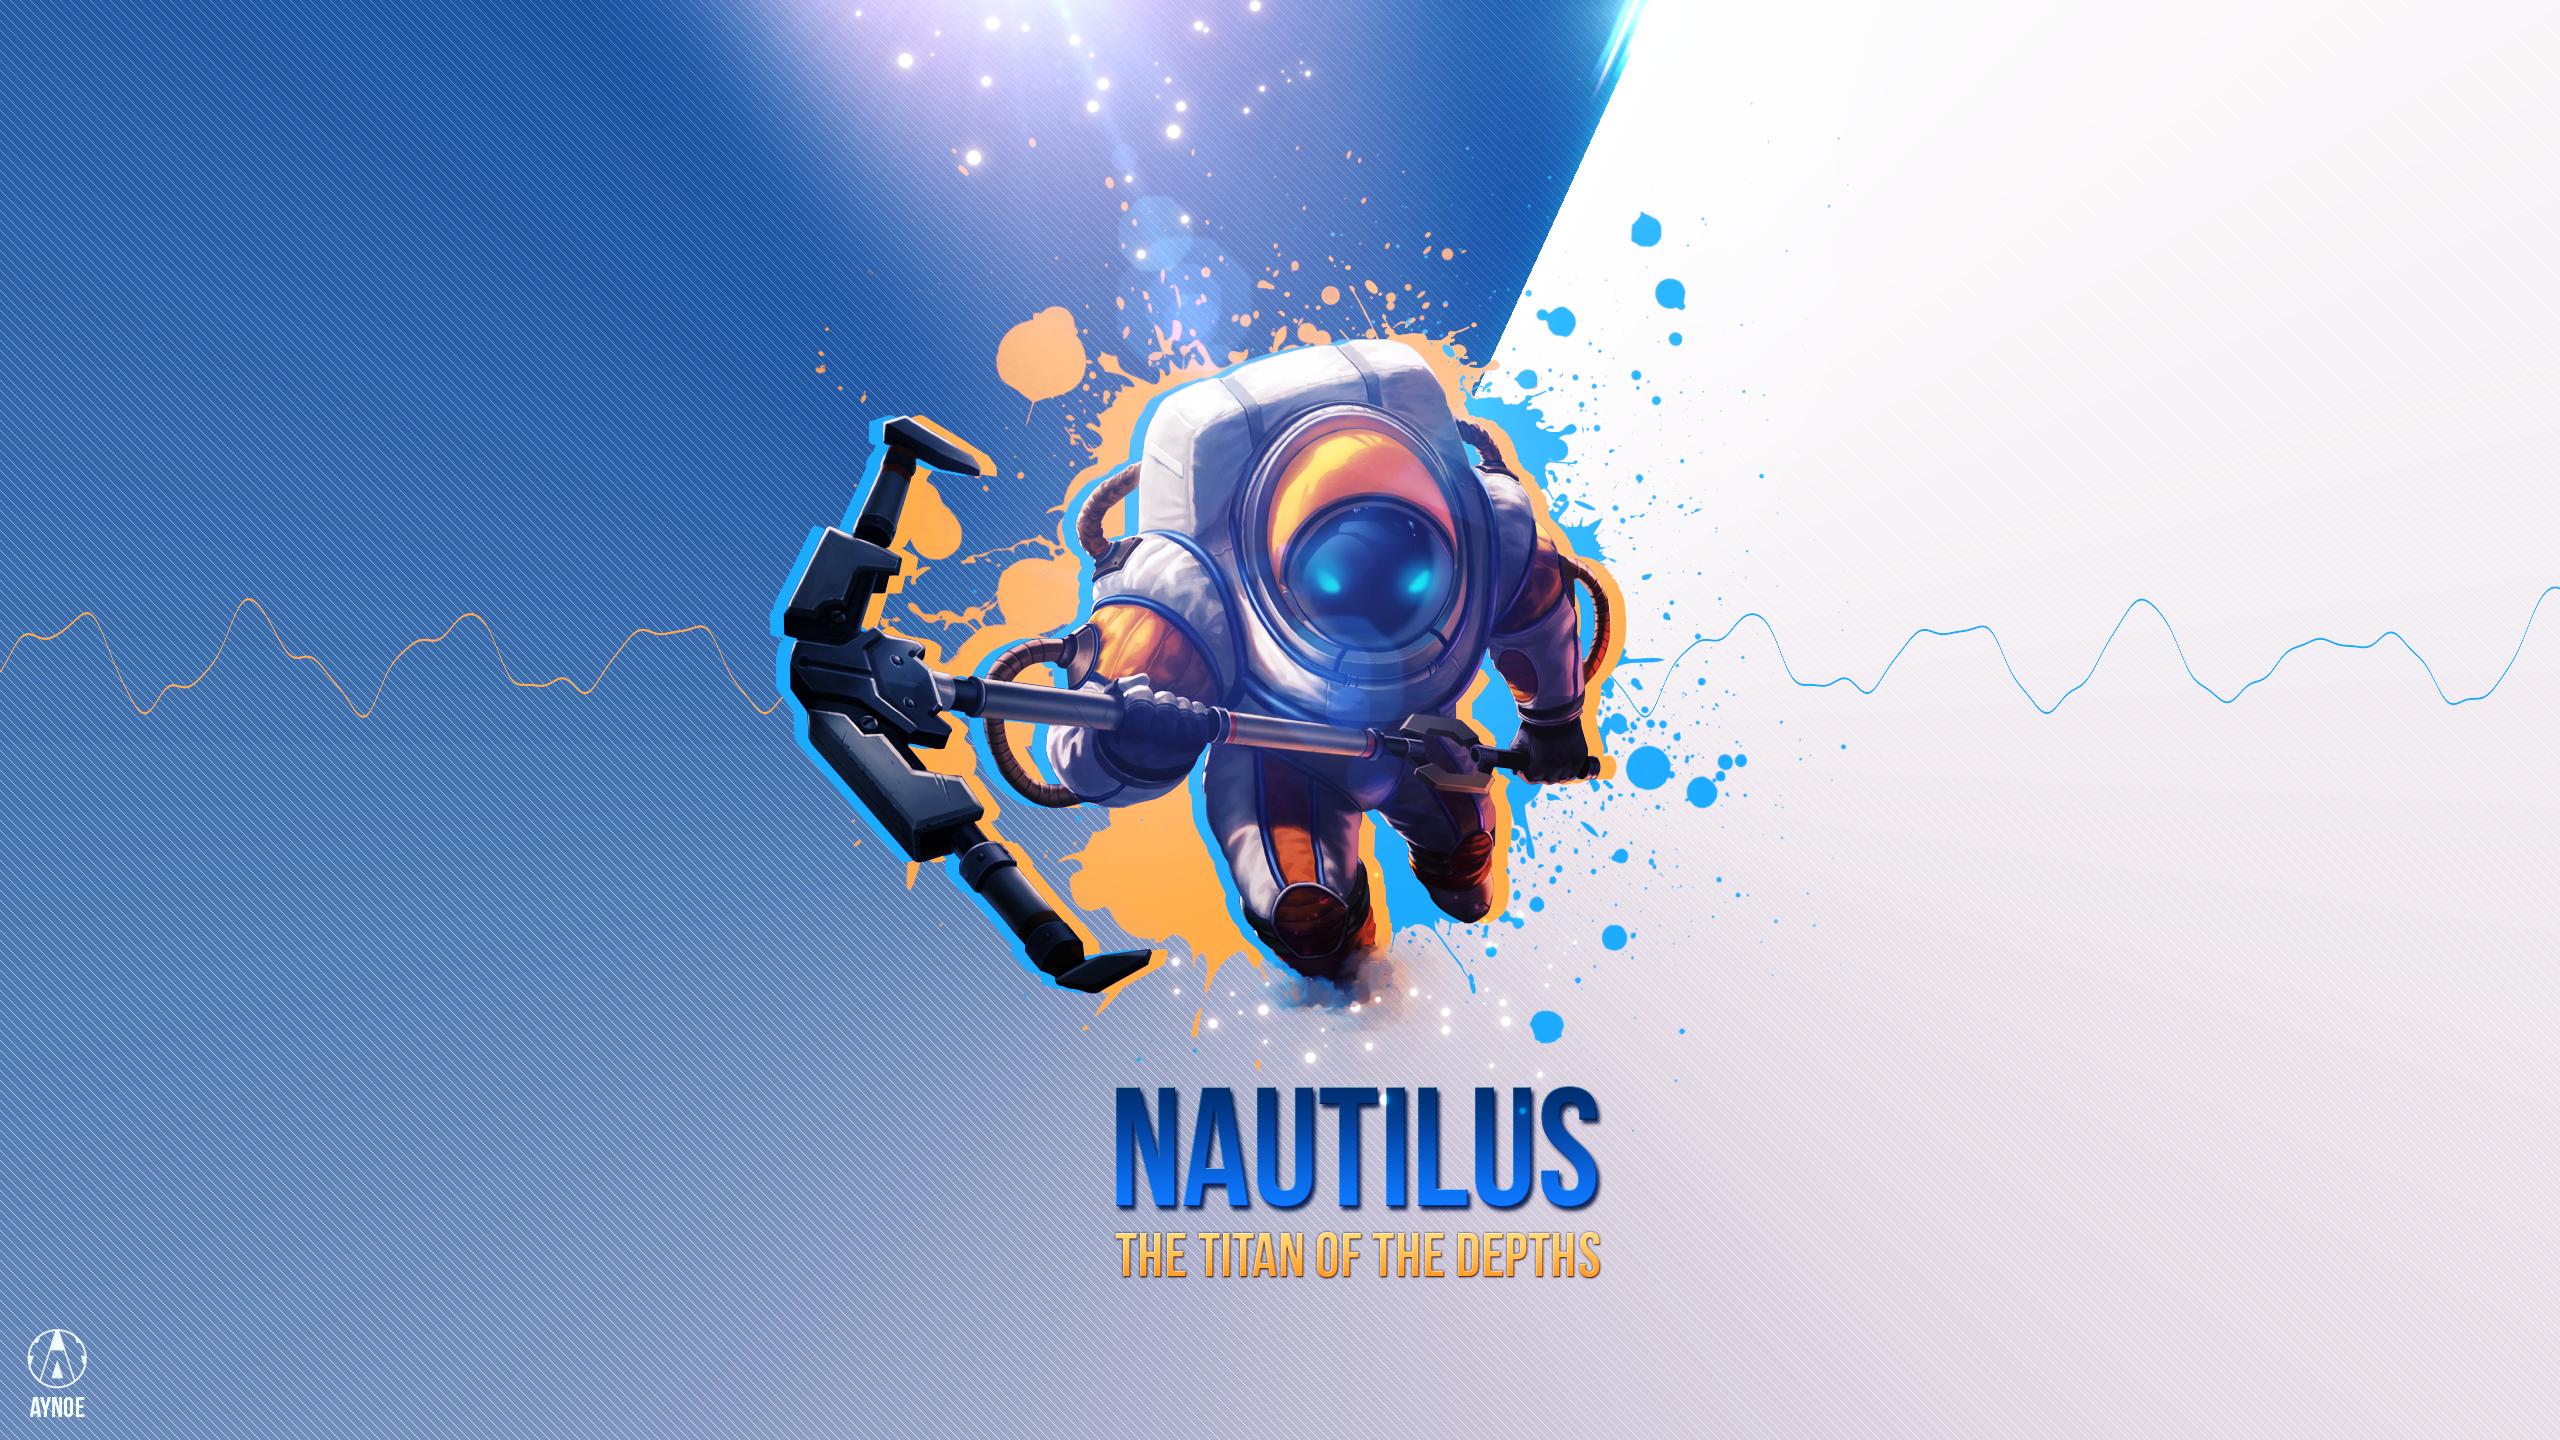 AstroNautilus wallpaper